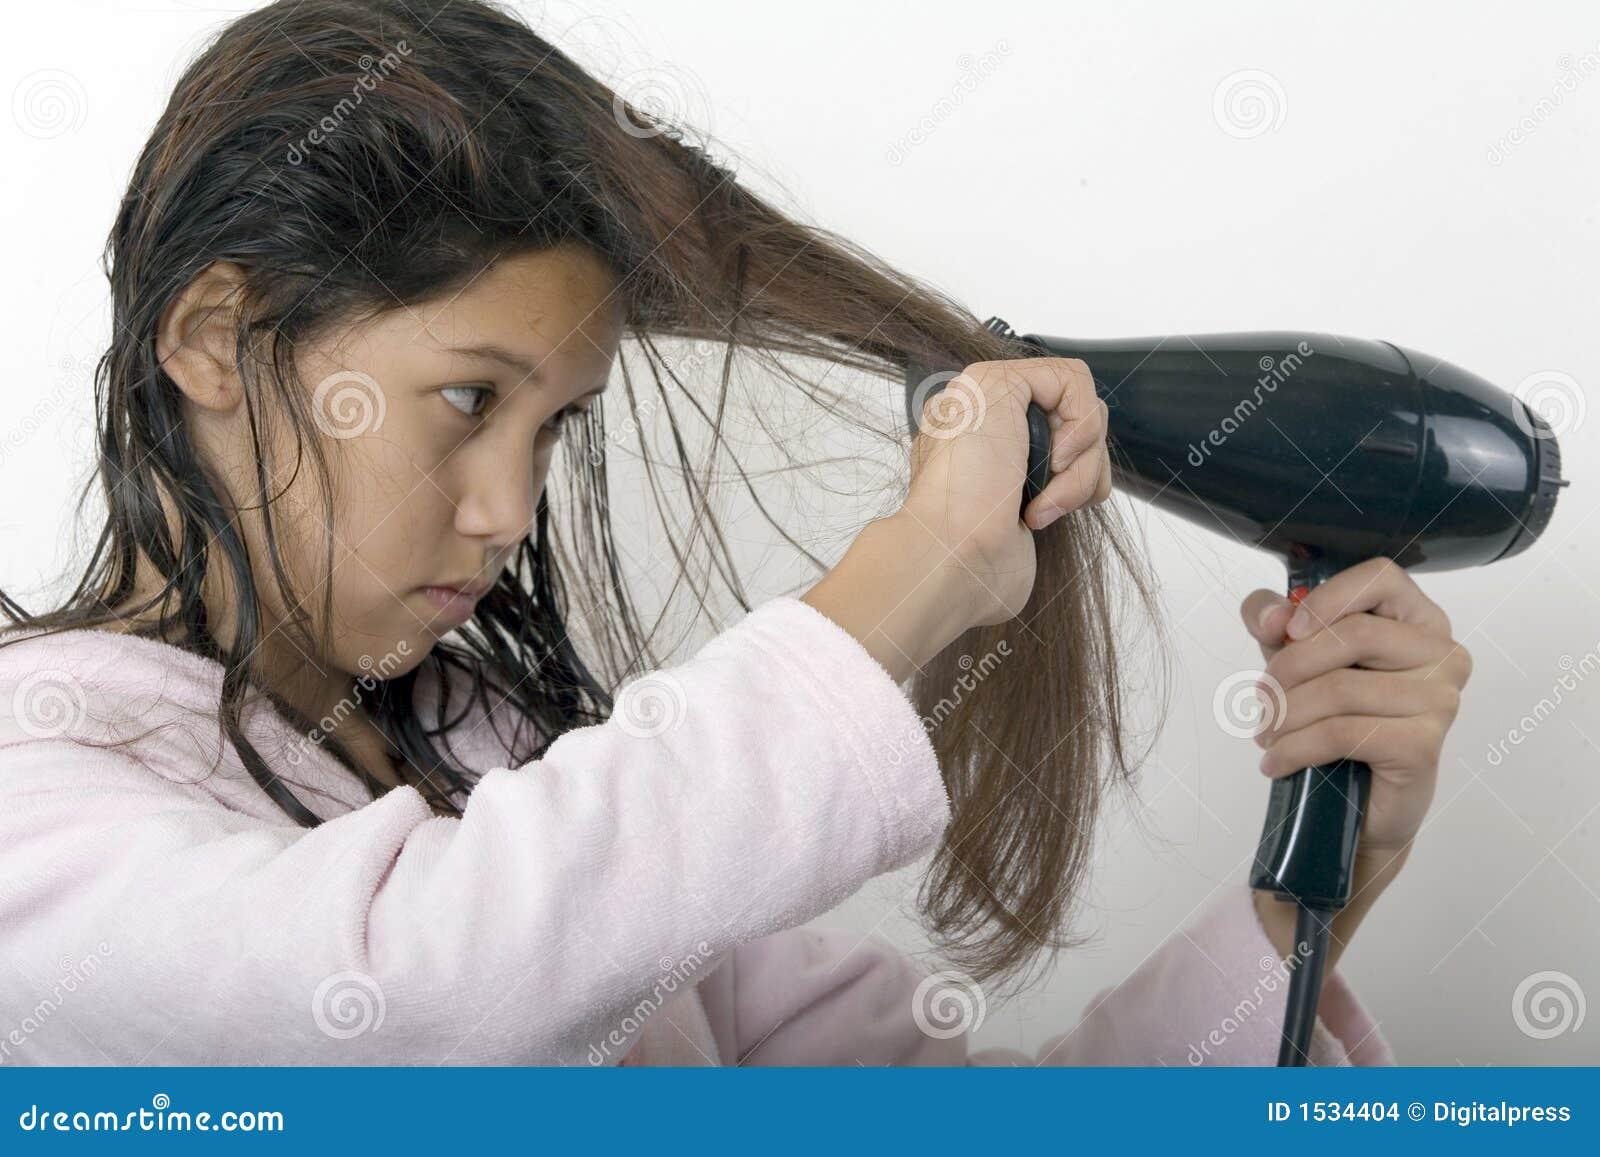 Hairbrushing